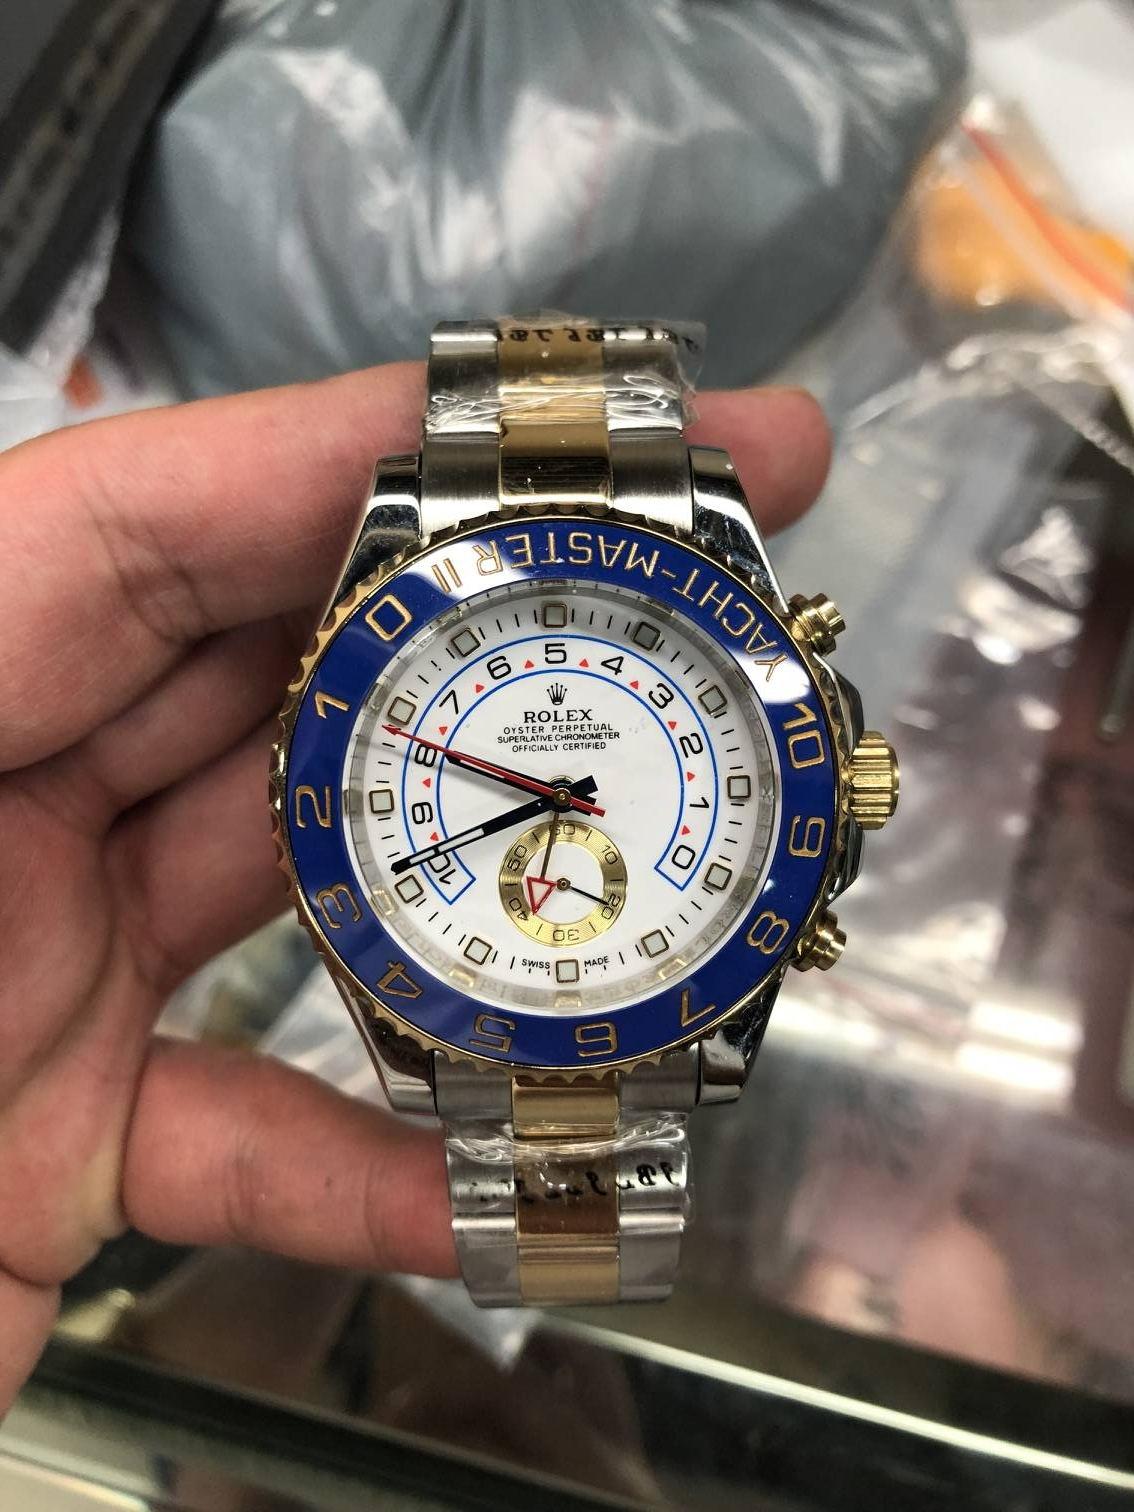 12e08668c7 All das ist ziemlich offensichtlich; wie jeder, der sich ernsthaft mit dem  Sammeln von Vintage-Uhren beschäftigt, wahrscheinlich weiß, war die PNPND  ein ...